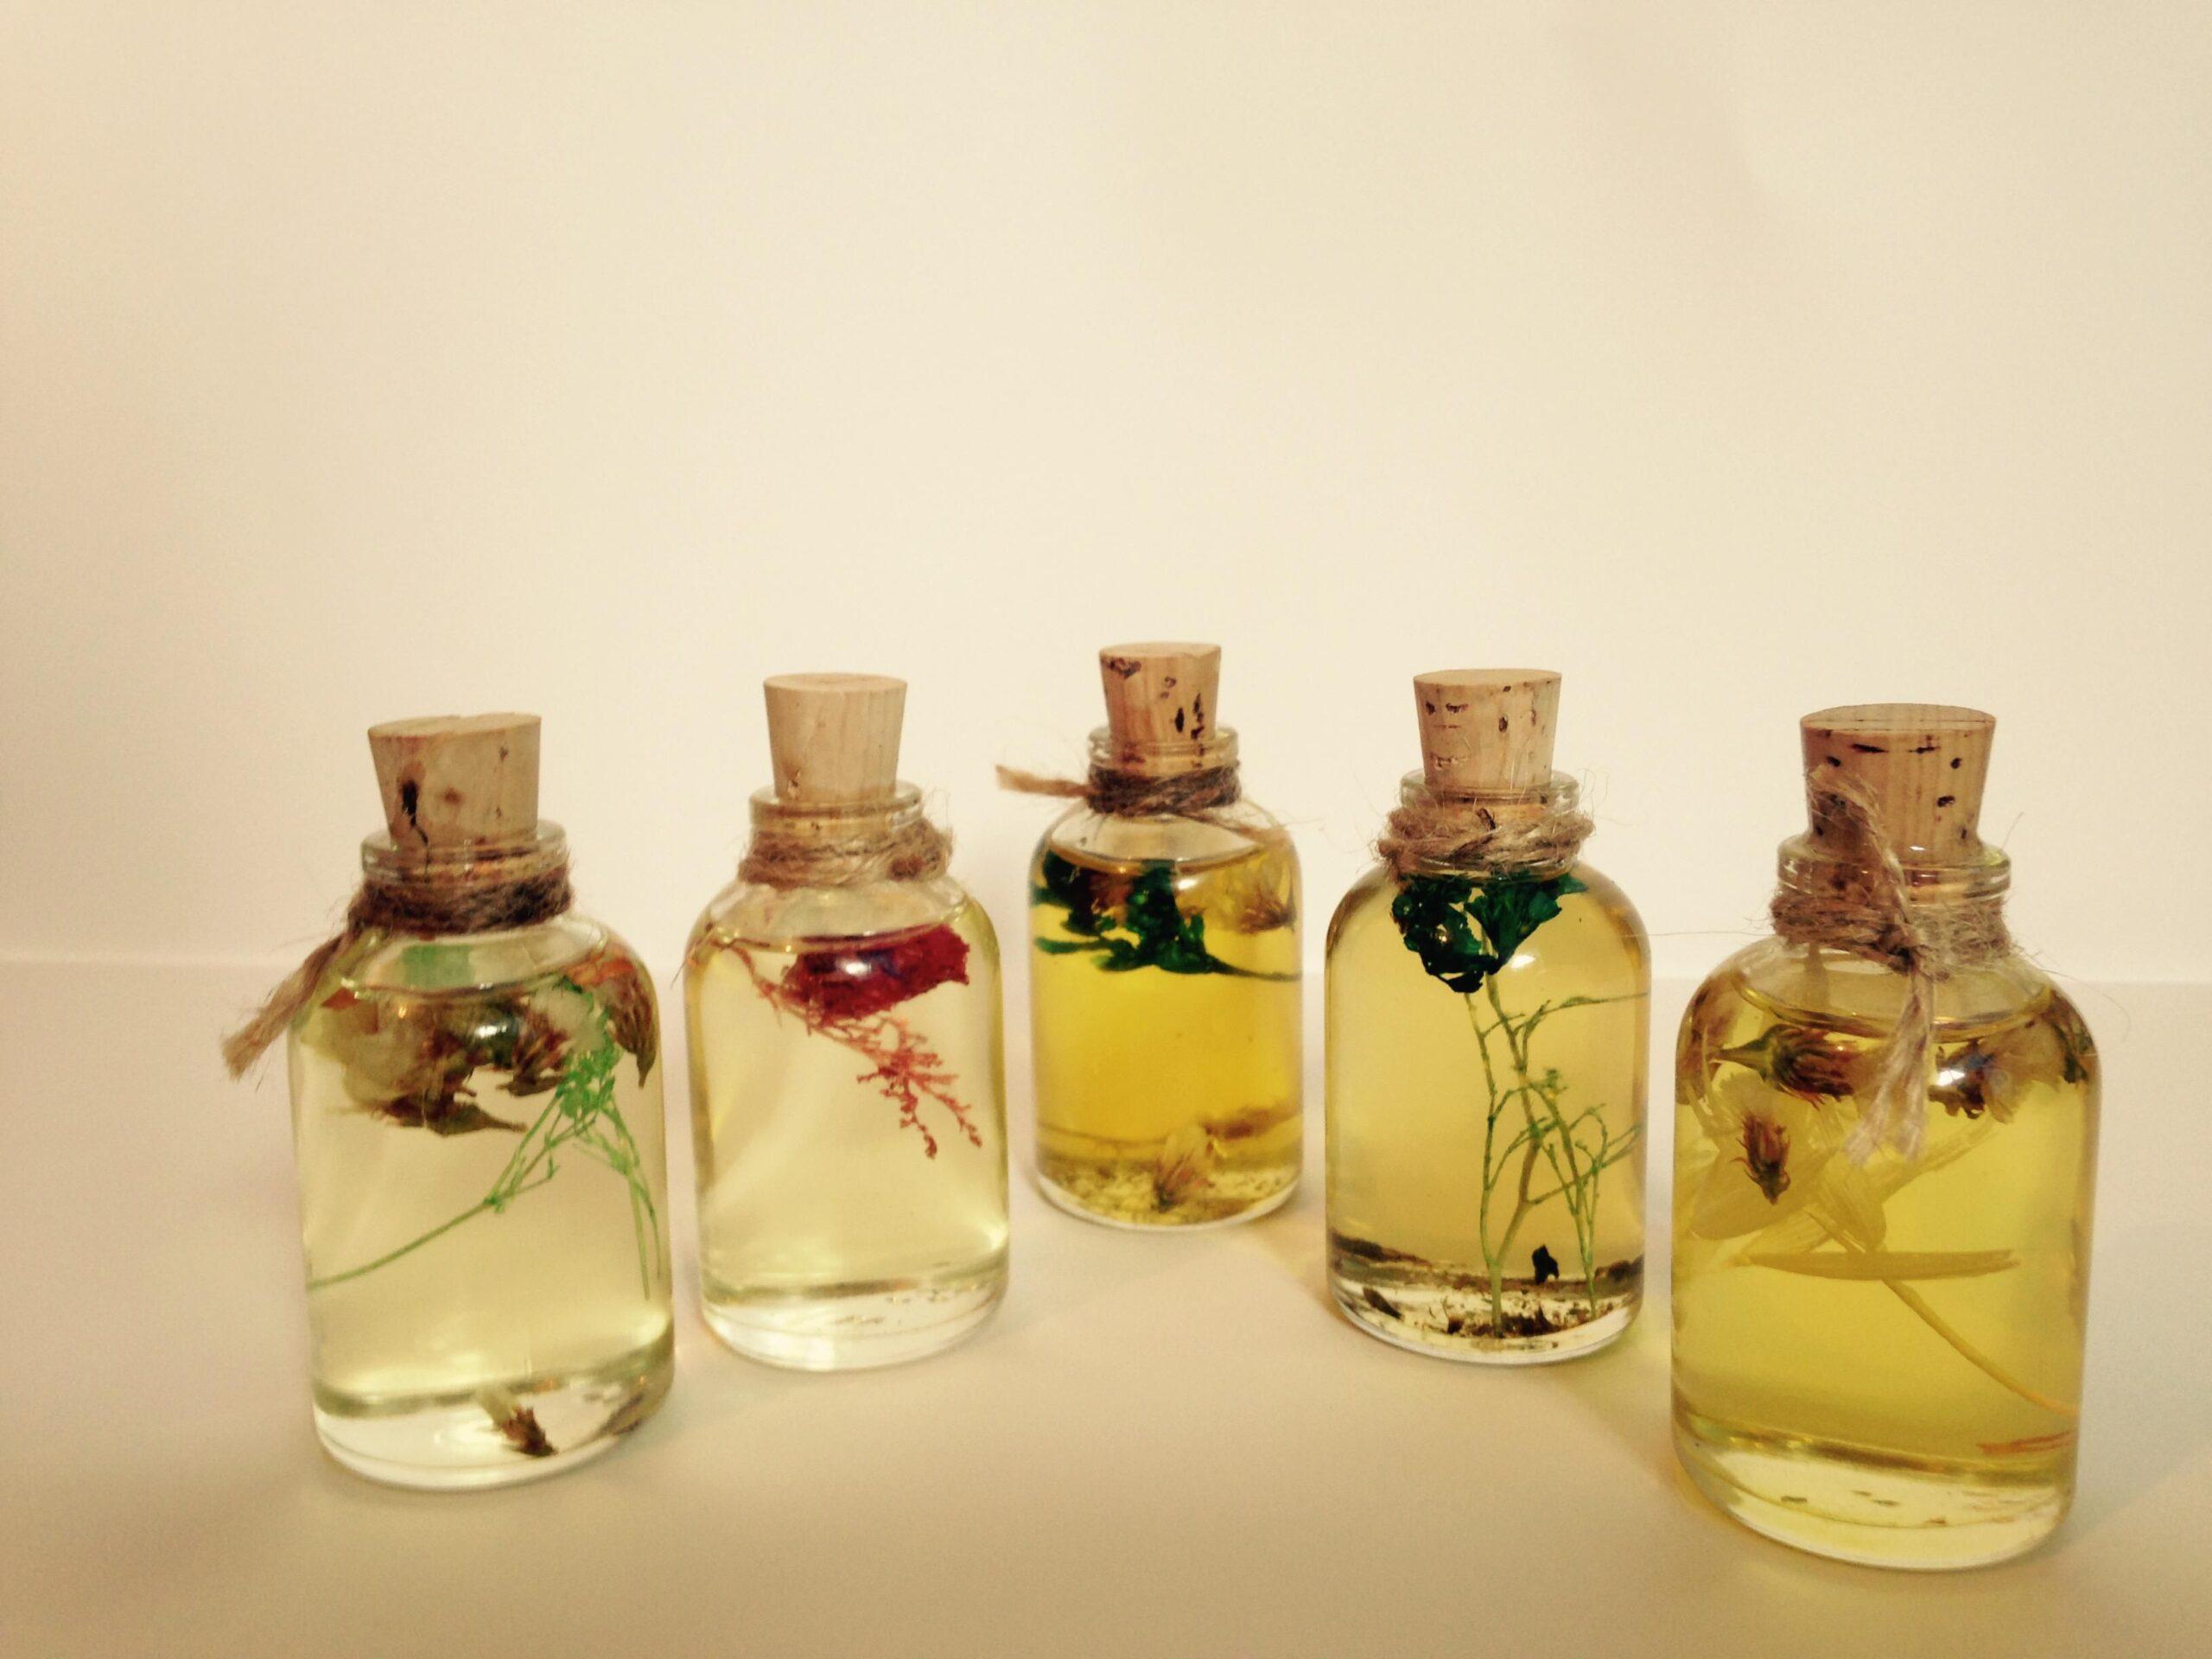 aceites-esenciales-caseros-2